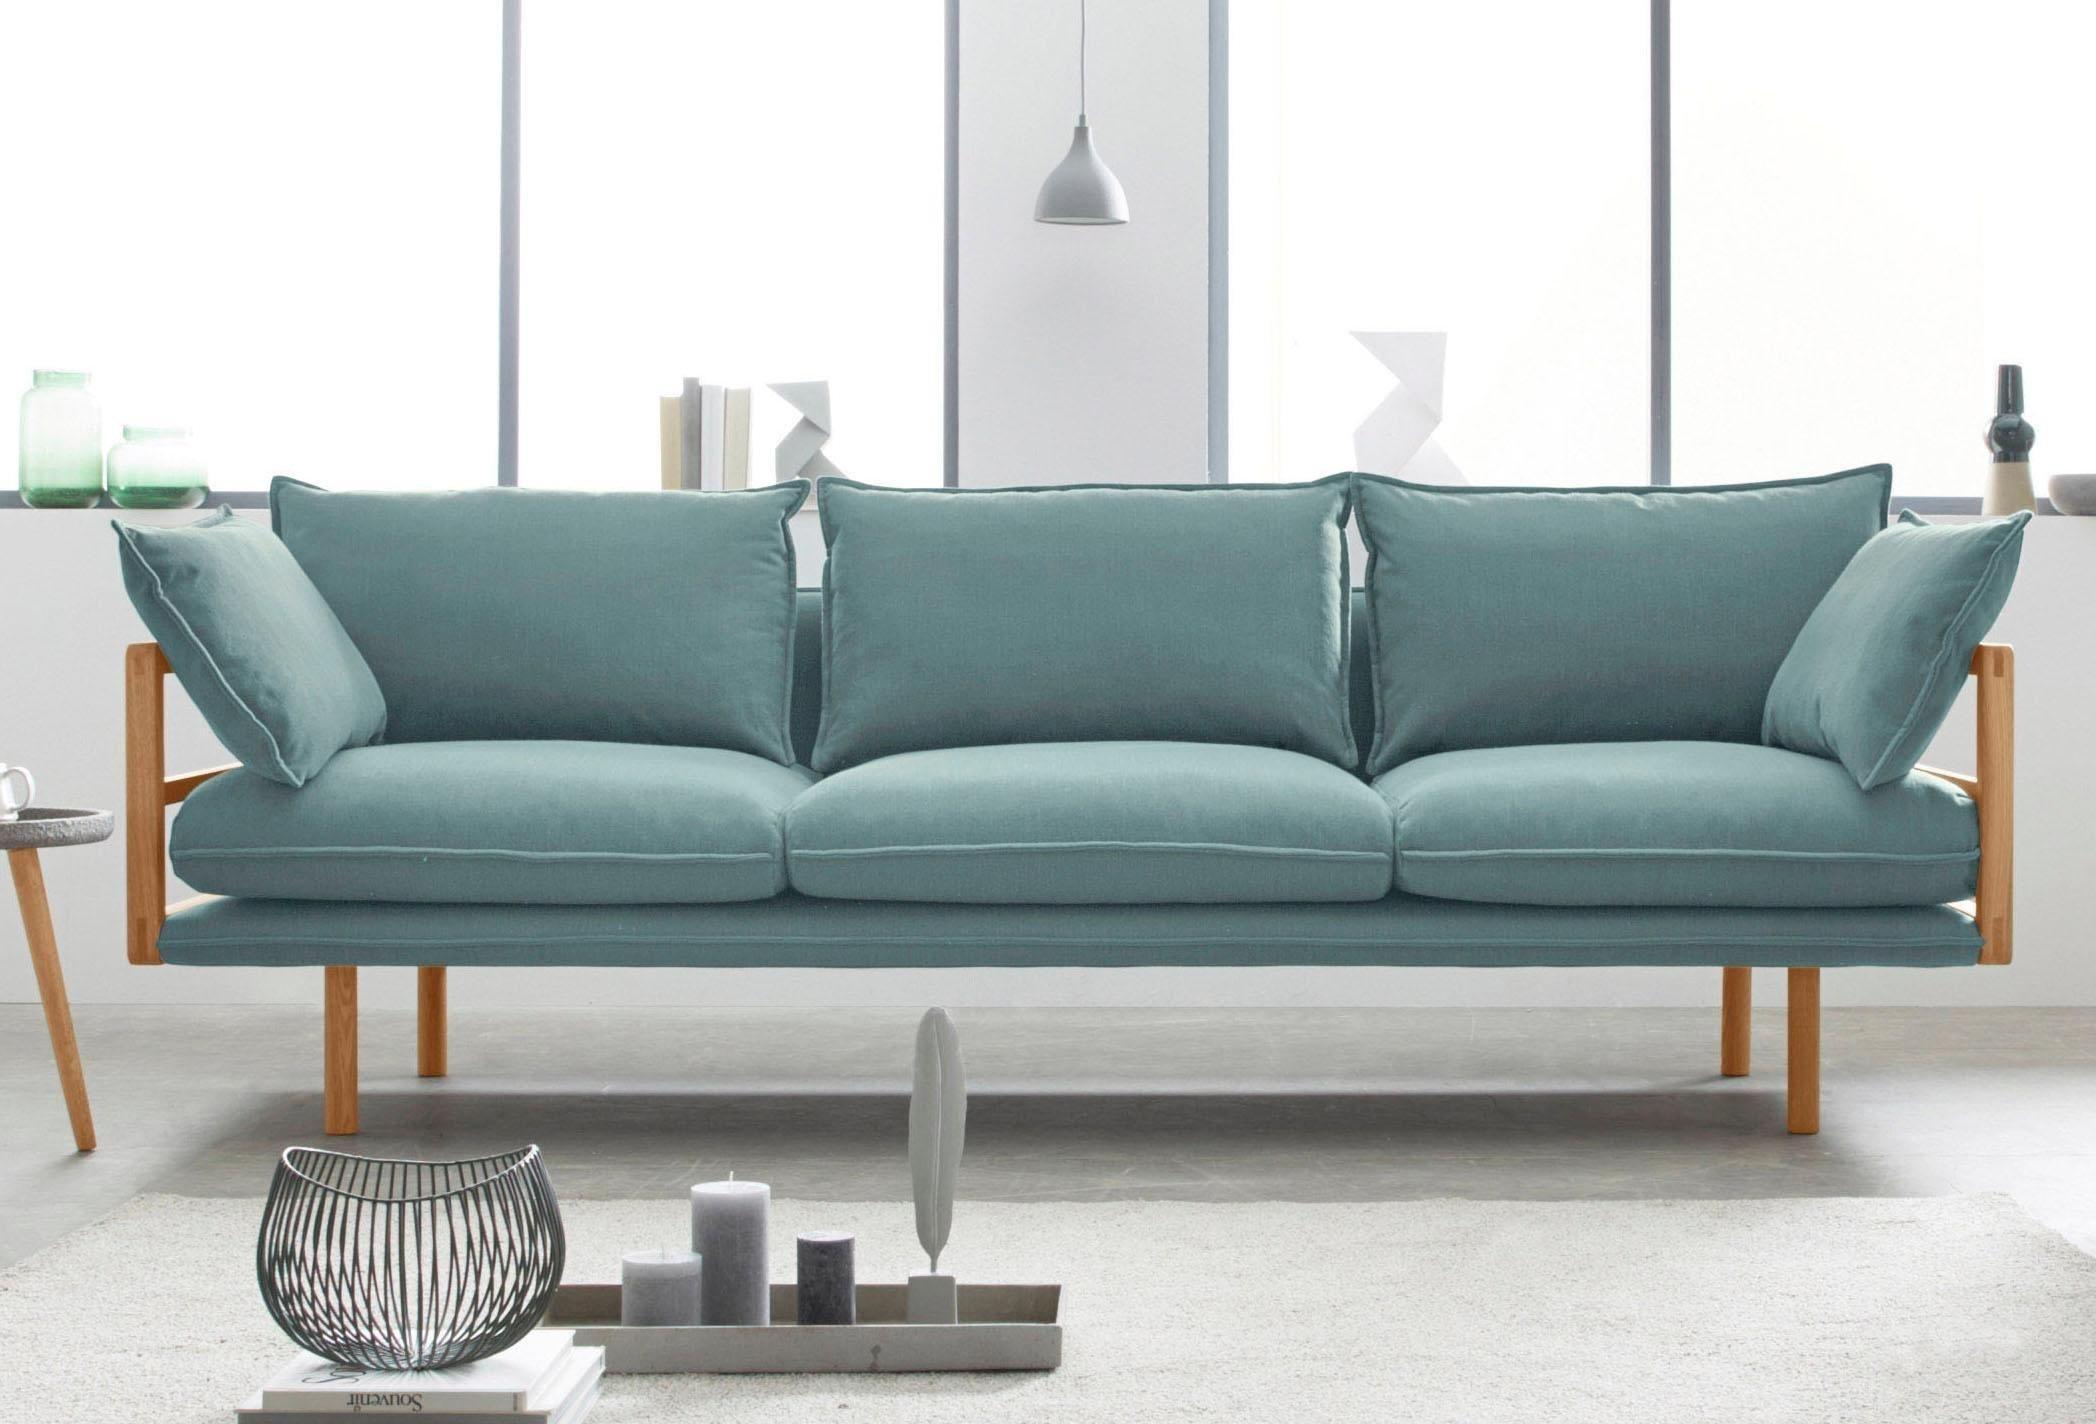 Design Polsterecke Couch Wohnlandschaft Sofagarnitur Big Sofa Ecksofa Fabiola Kaufen Sofa Kleines Sofa Kaufen Designer Leders Innenarchitektur Wohnzimmer